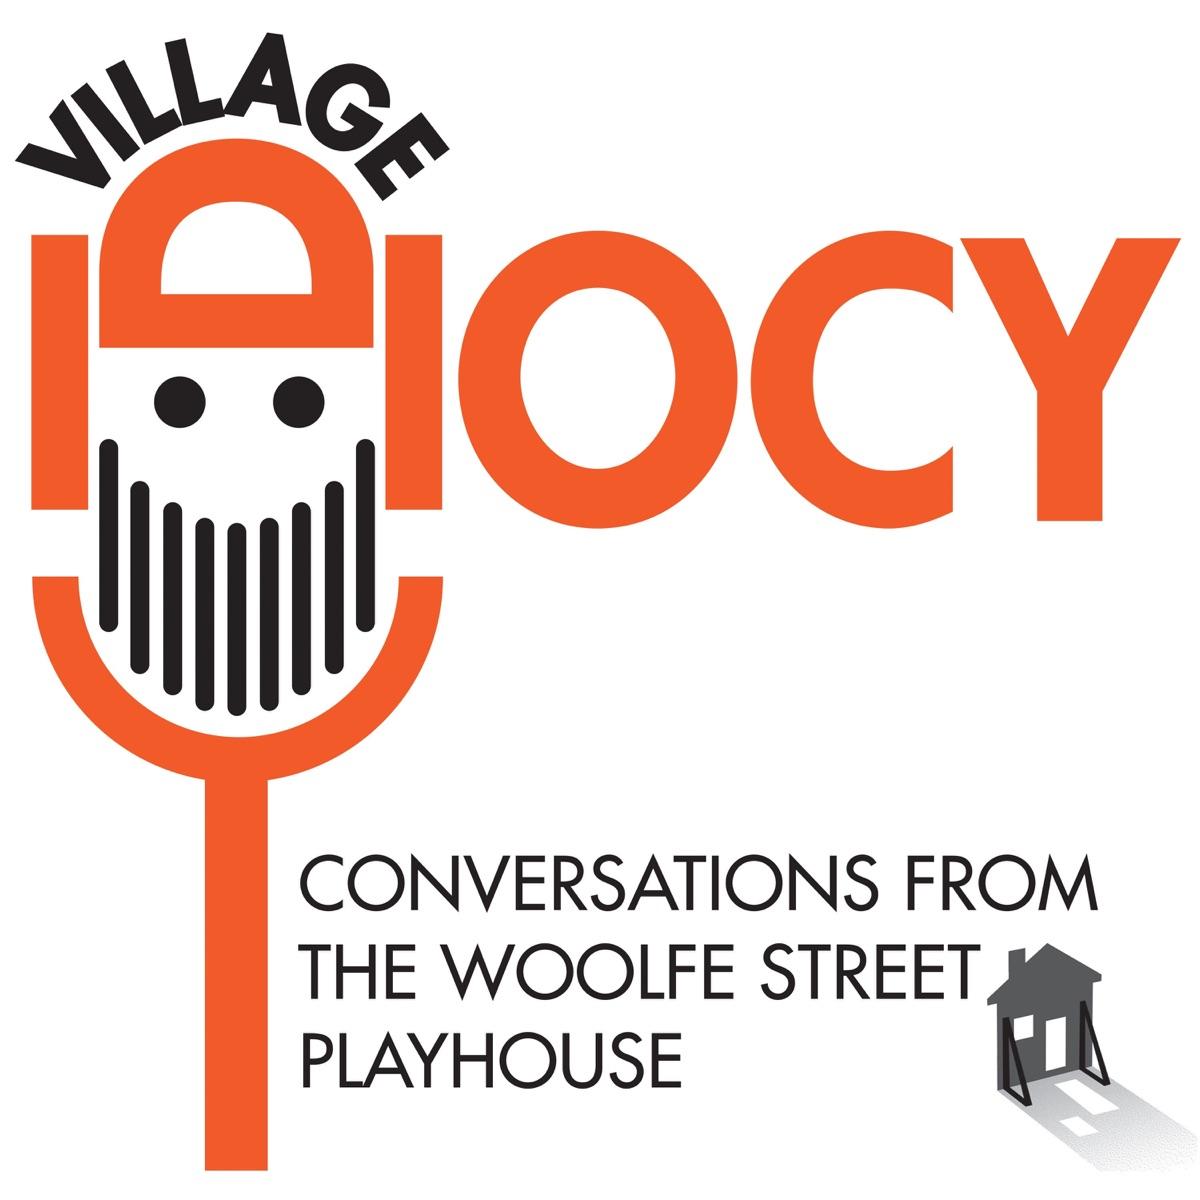 Village Idiocy